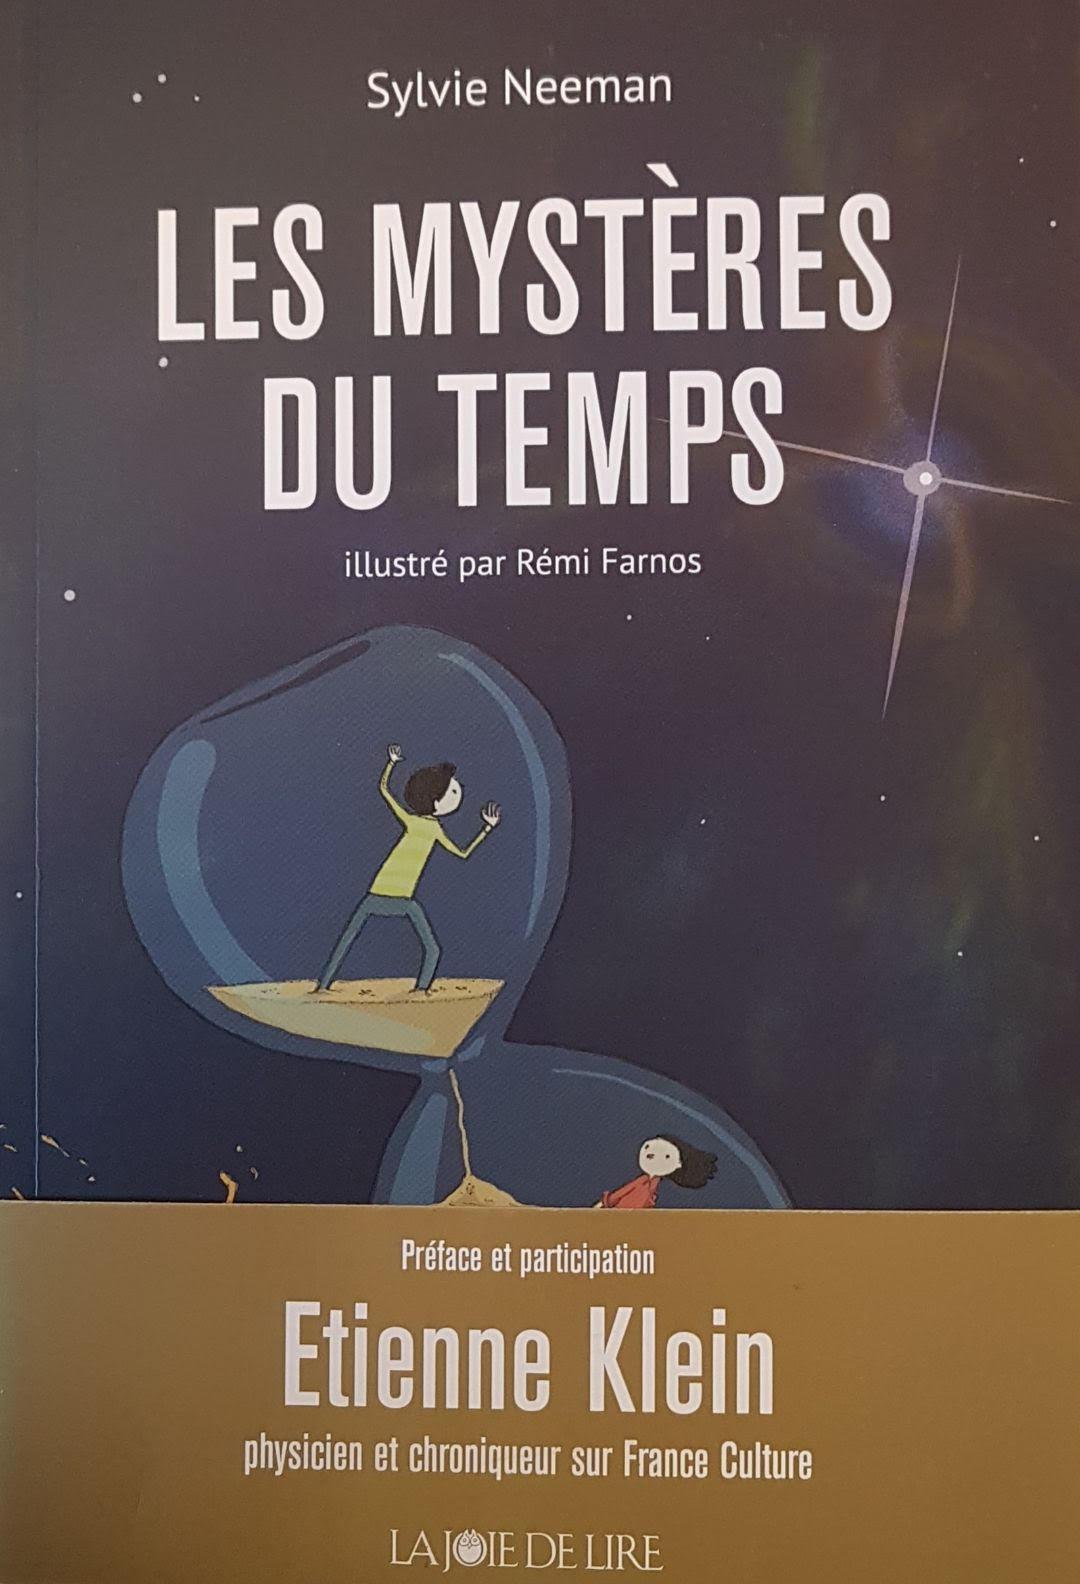 Les mystères du temps Librairie La Librai'bulles